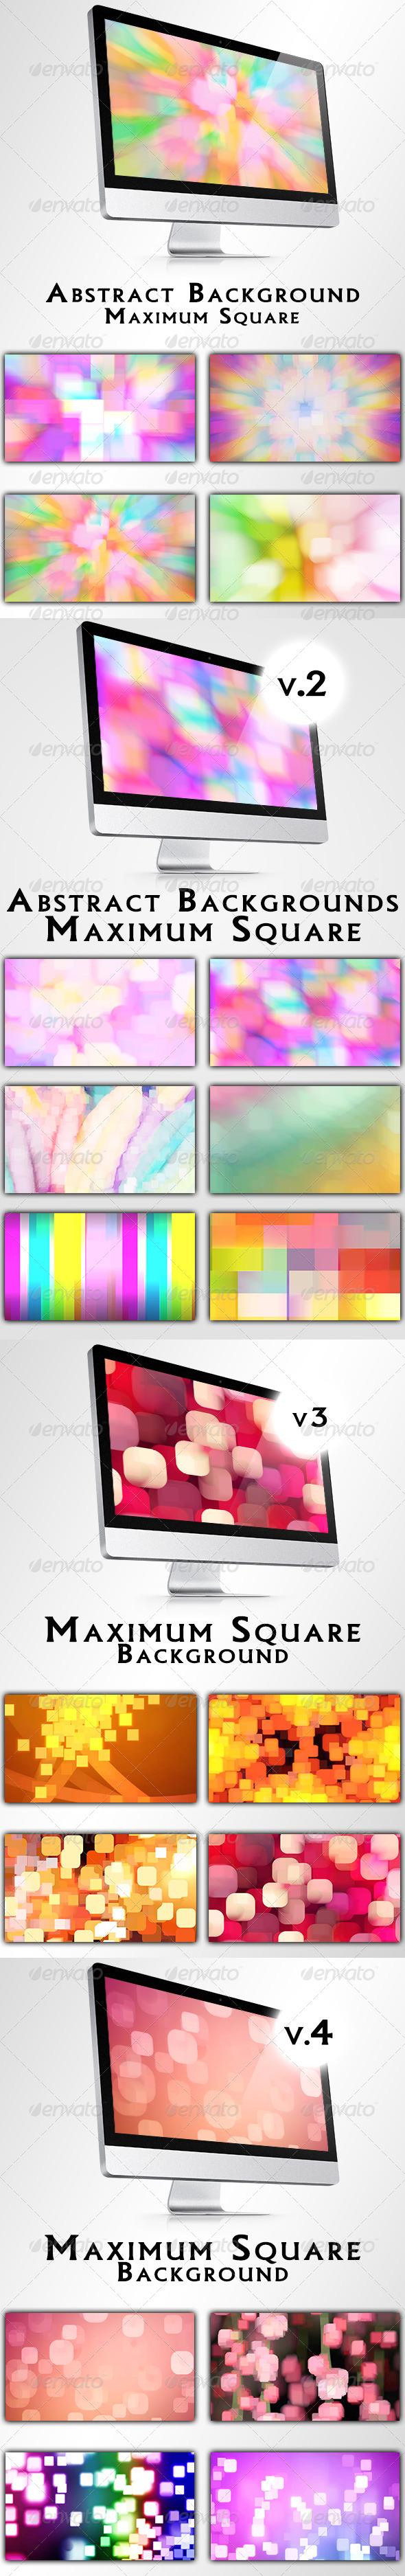 Maximum Square Backgrounds Bundle - Backgrounds Graphics